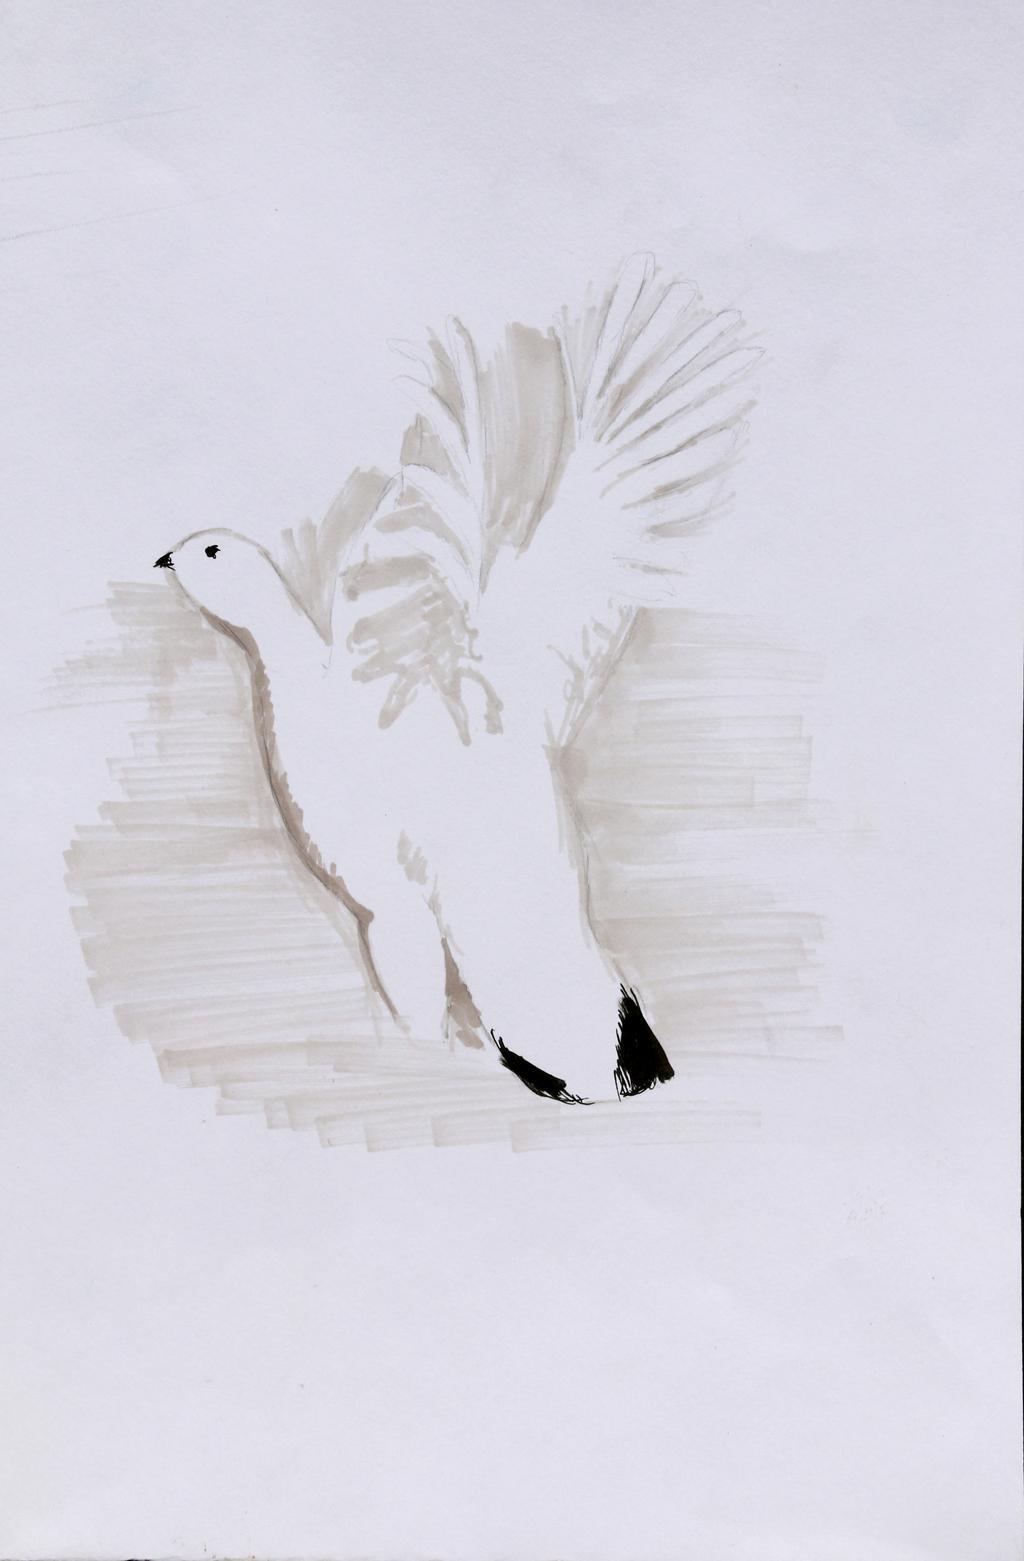 Julia Clapasson - 1er Prix ado-Laureat concours dessin hiver 2015 - Parc national des Ecrins